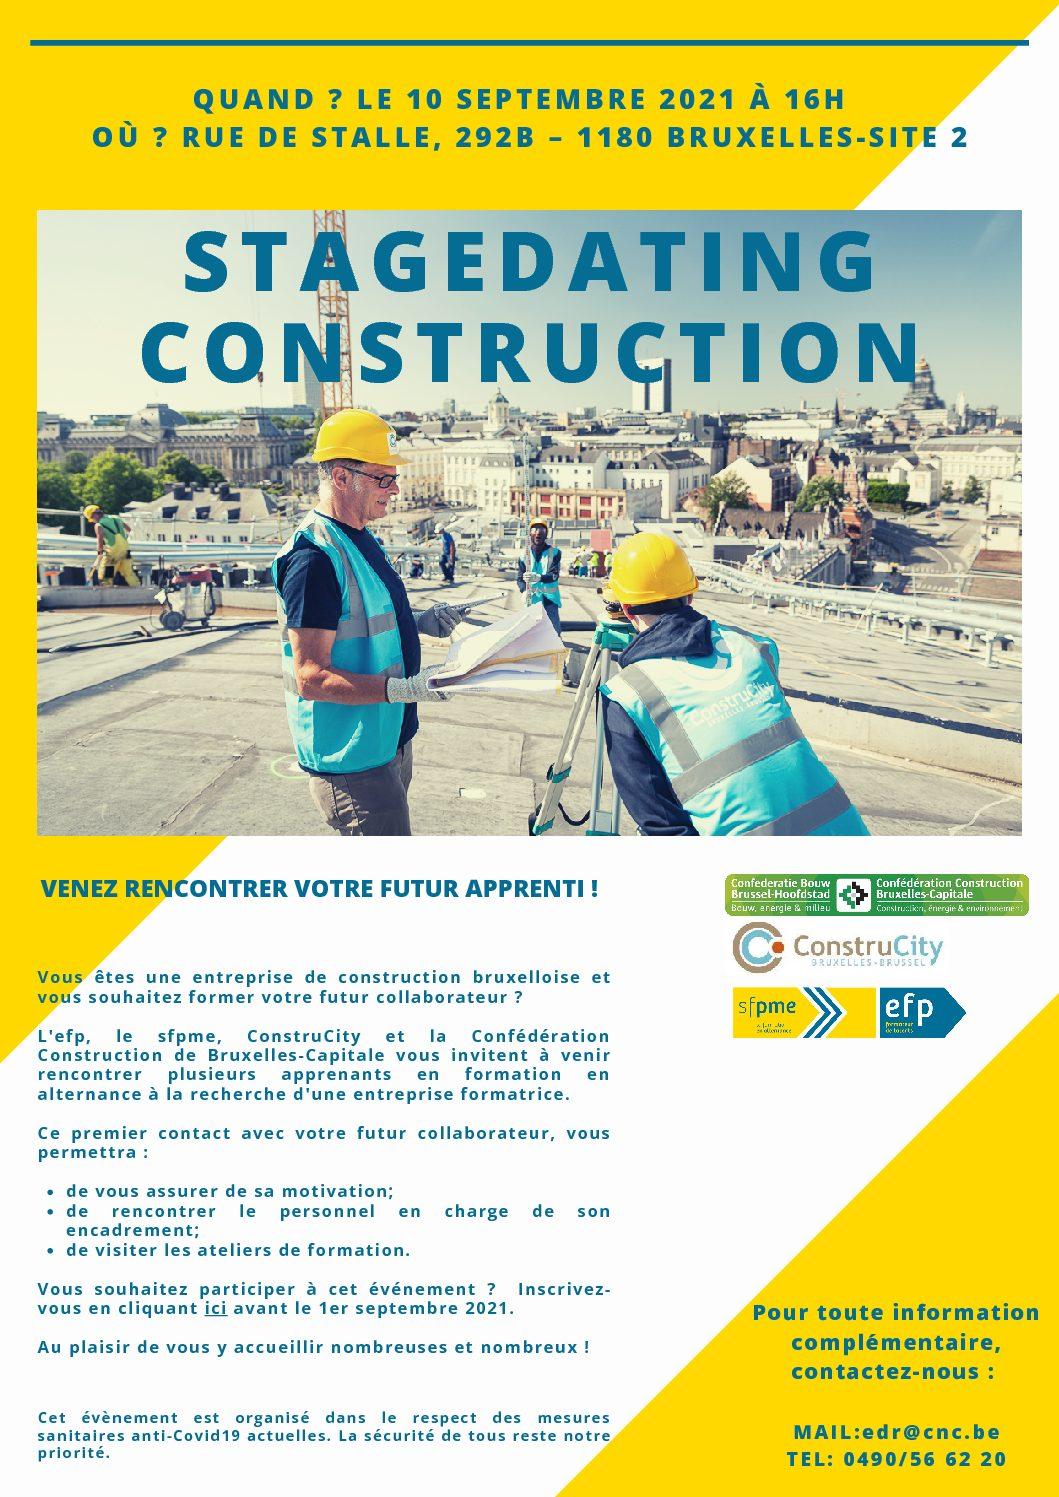 Stage Dating Construction : renforcez votre équipe avec un apprenti !